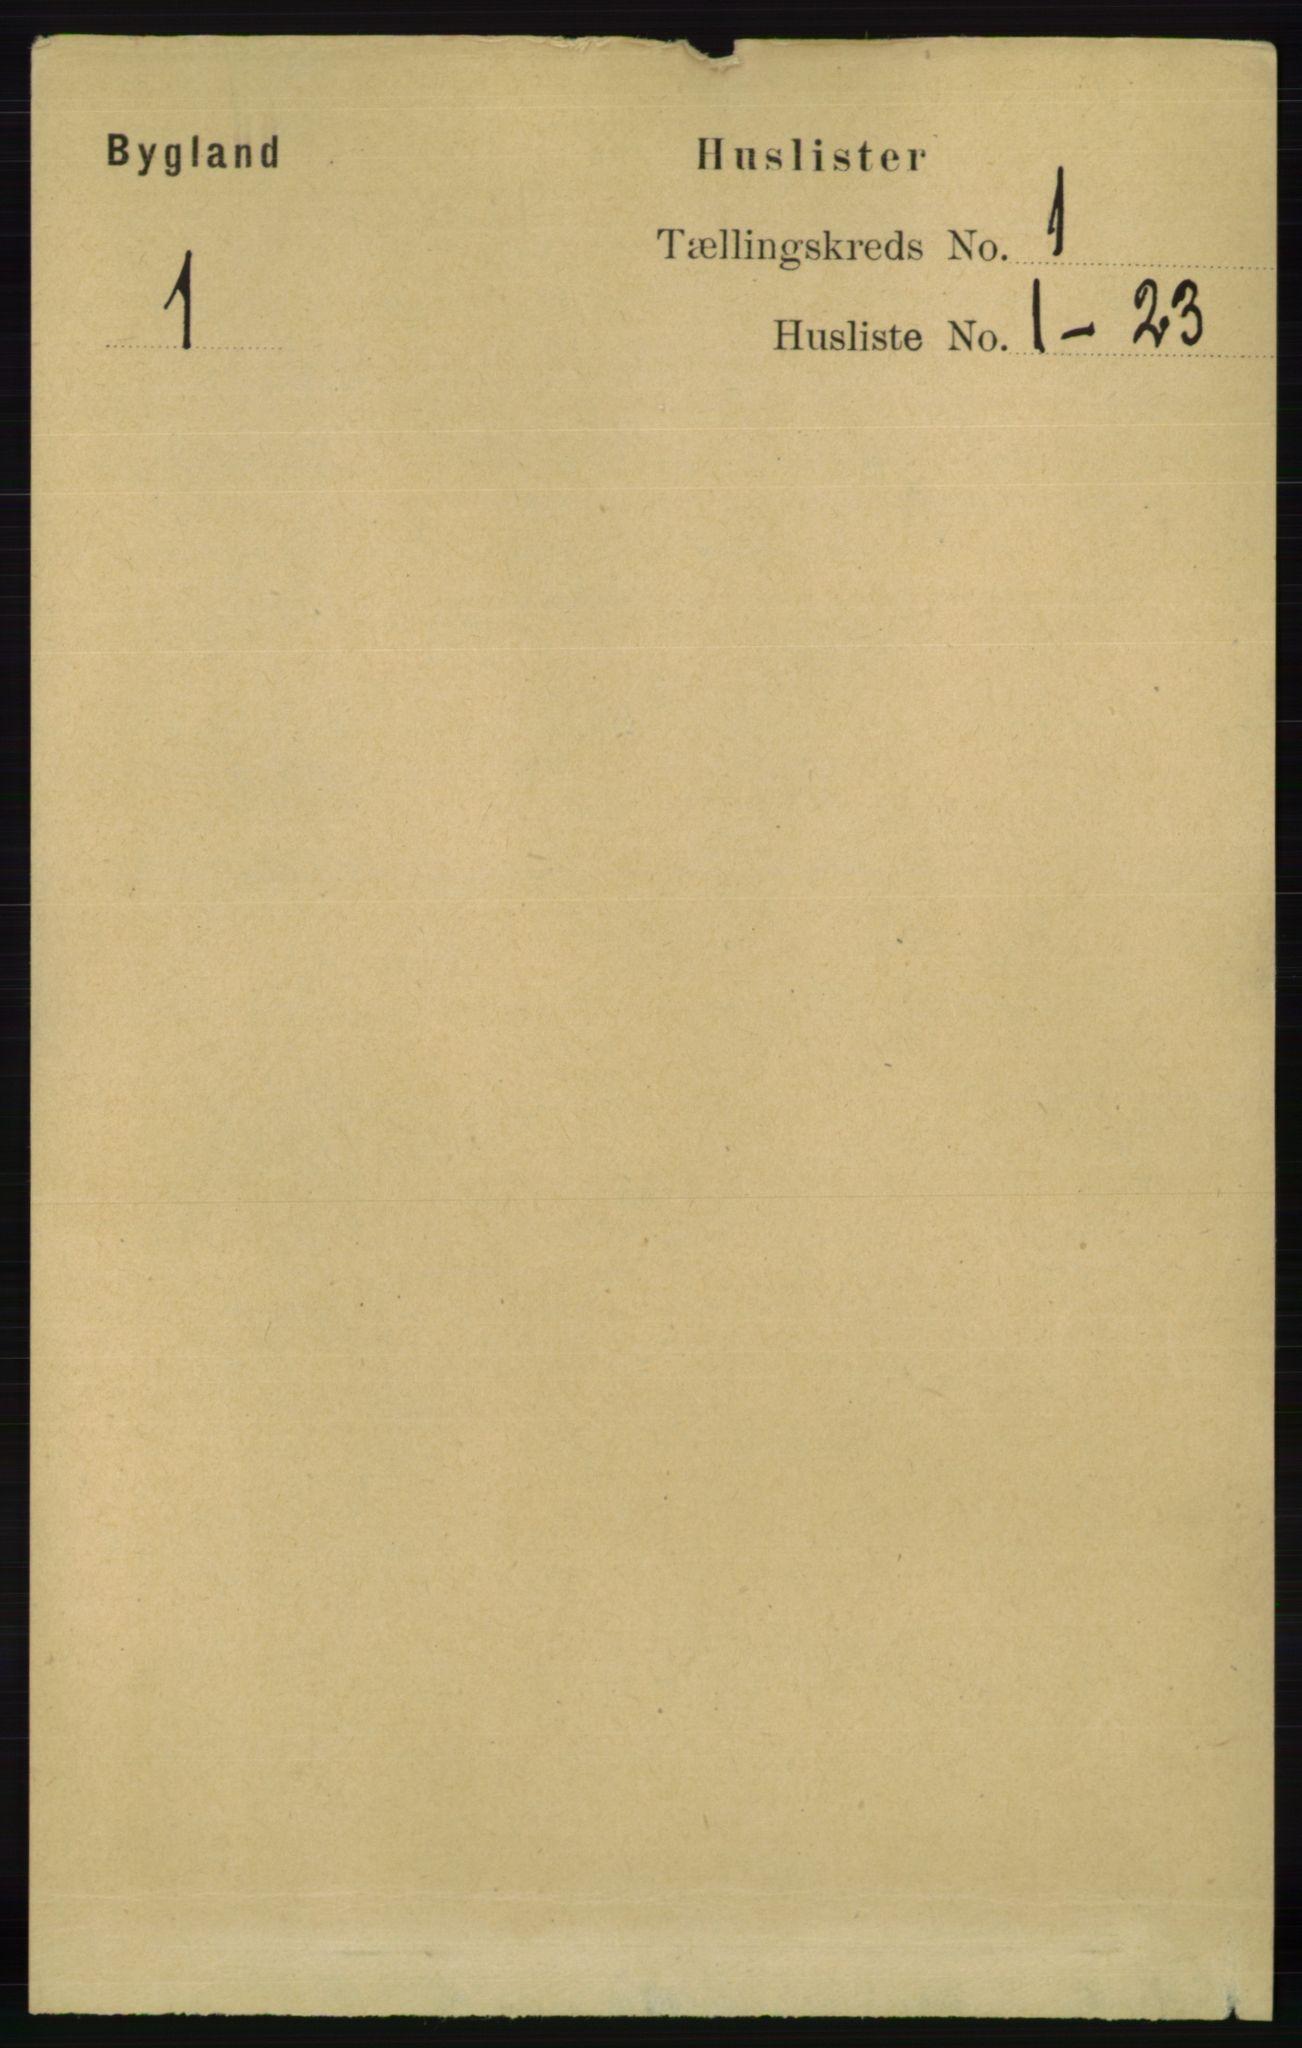 RA, Folketelling 1891 for 0938 Bygland herred, 1891, s. 27